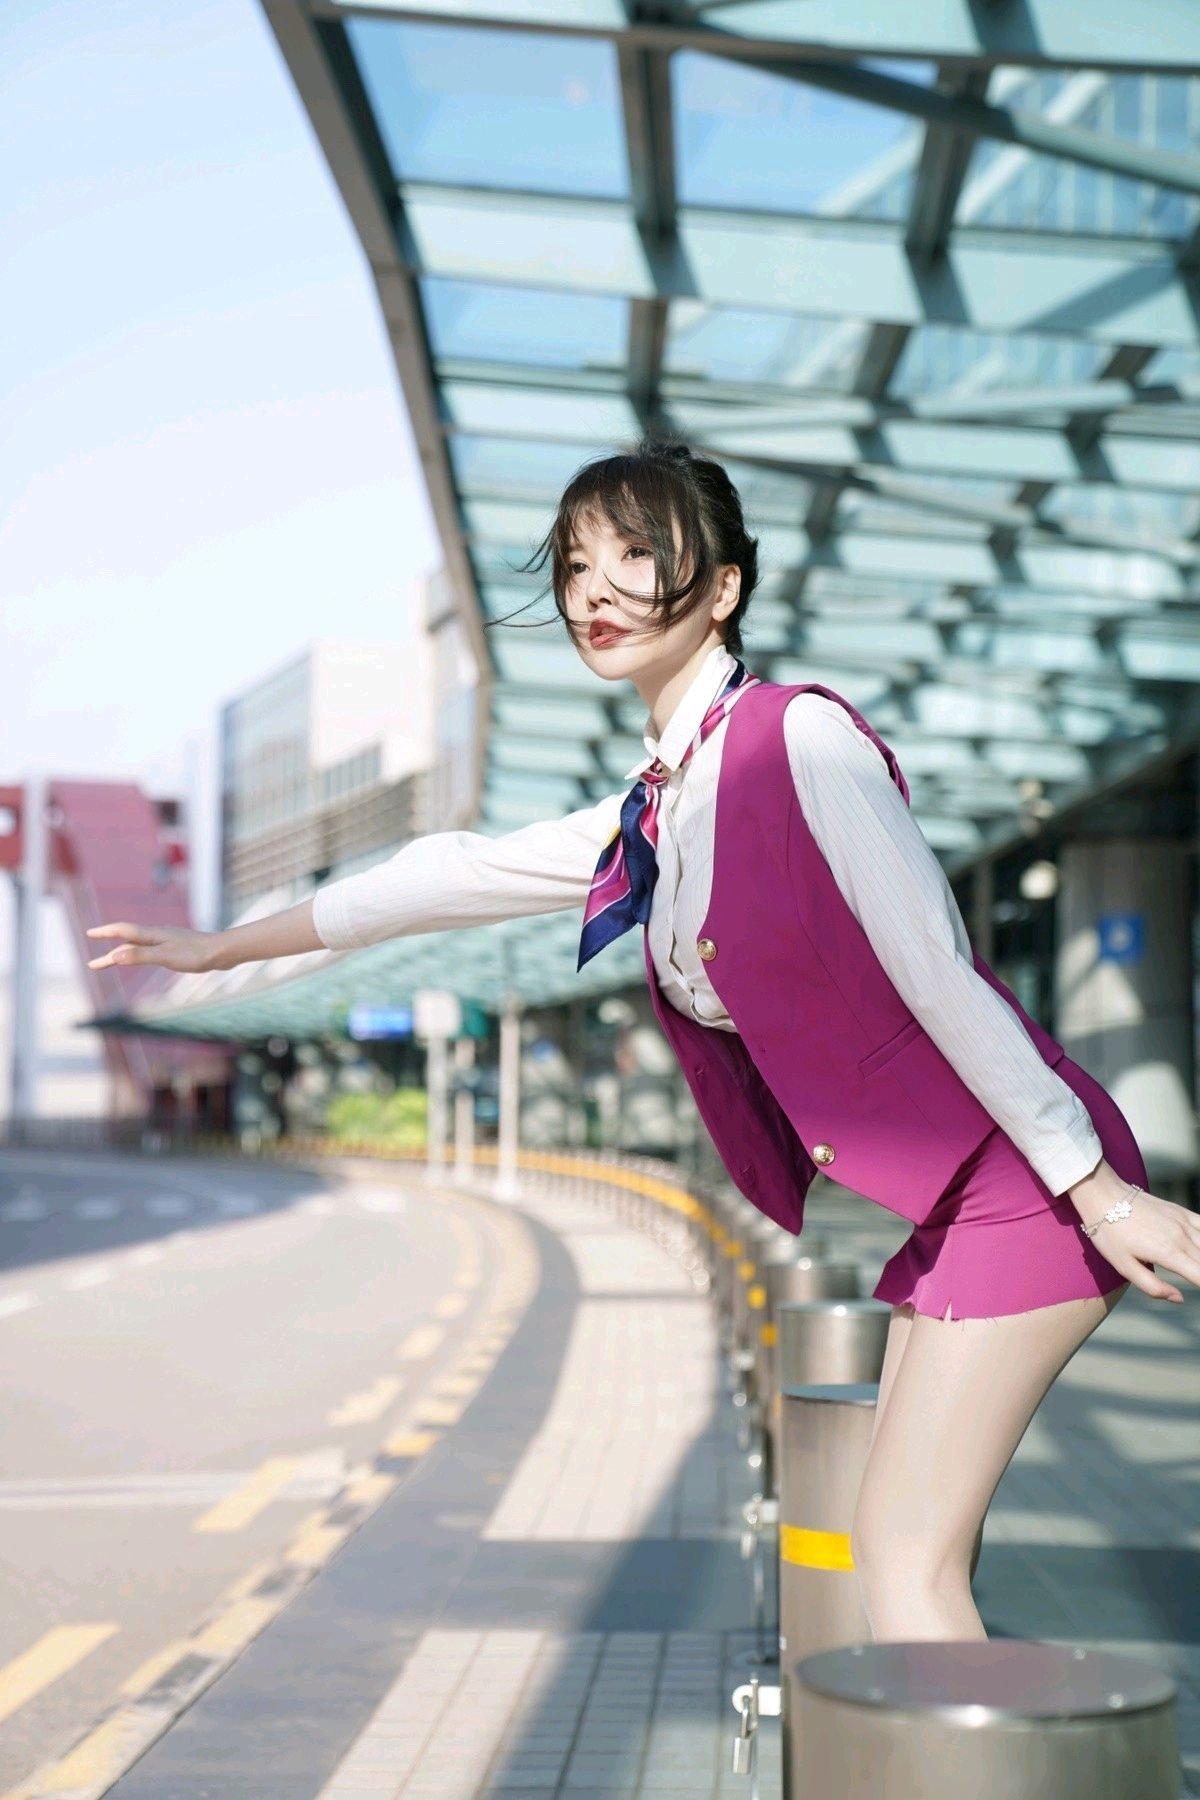 美腿空姐糯米团子(糯米团子)超短制服裙秀雪白美腿-新图包